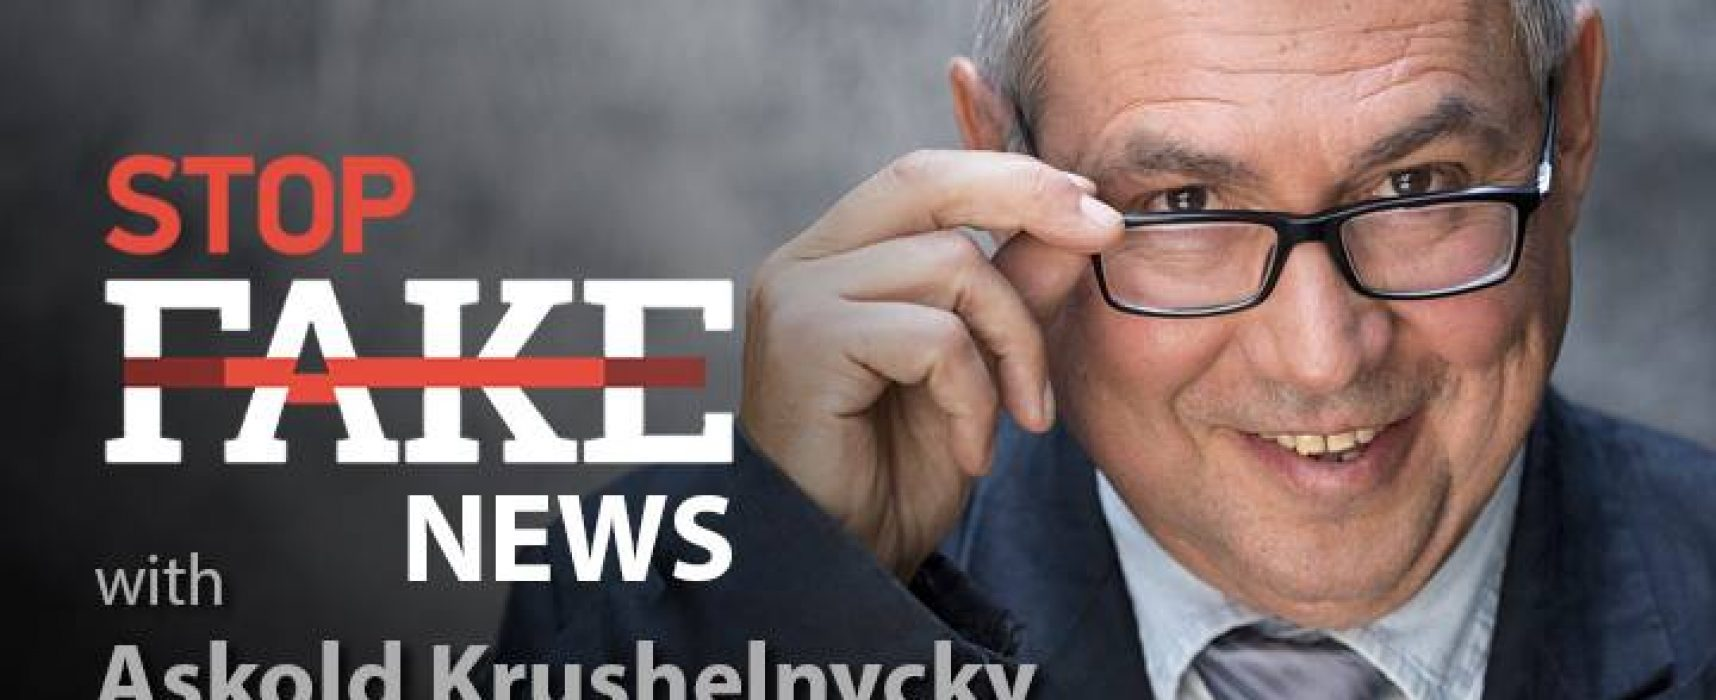 StopFakeNews #92 [ENG] with Askold Krushelnycky